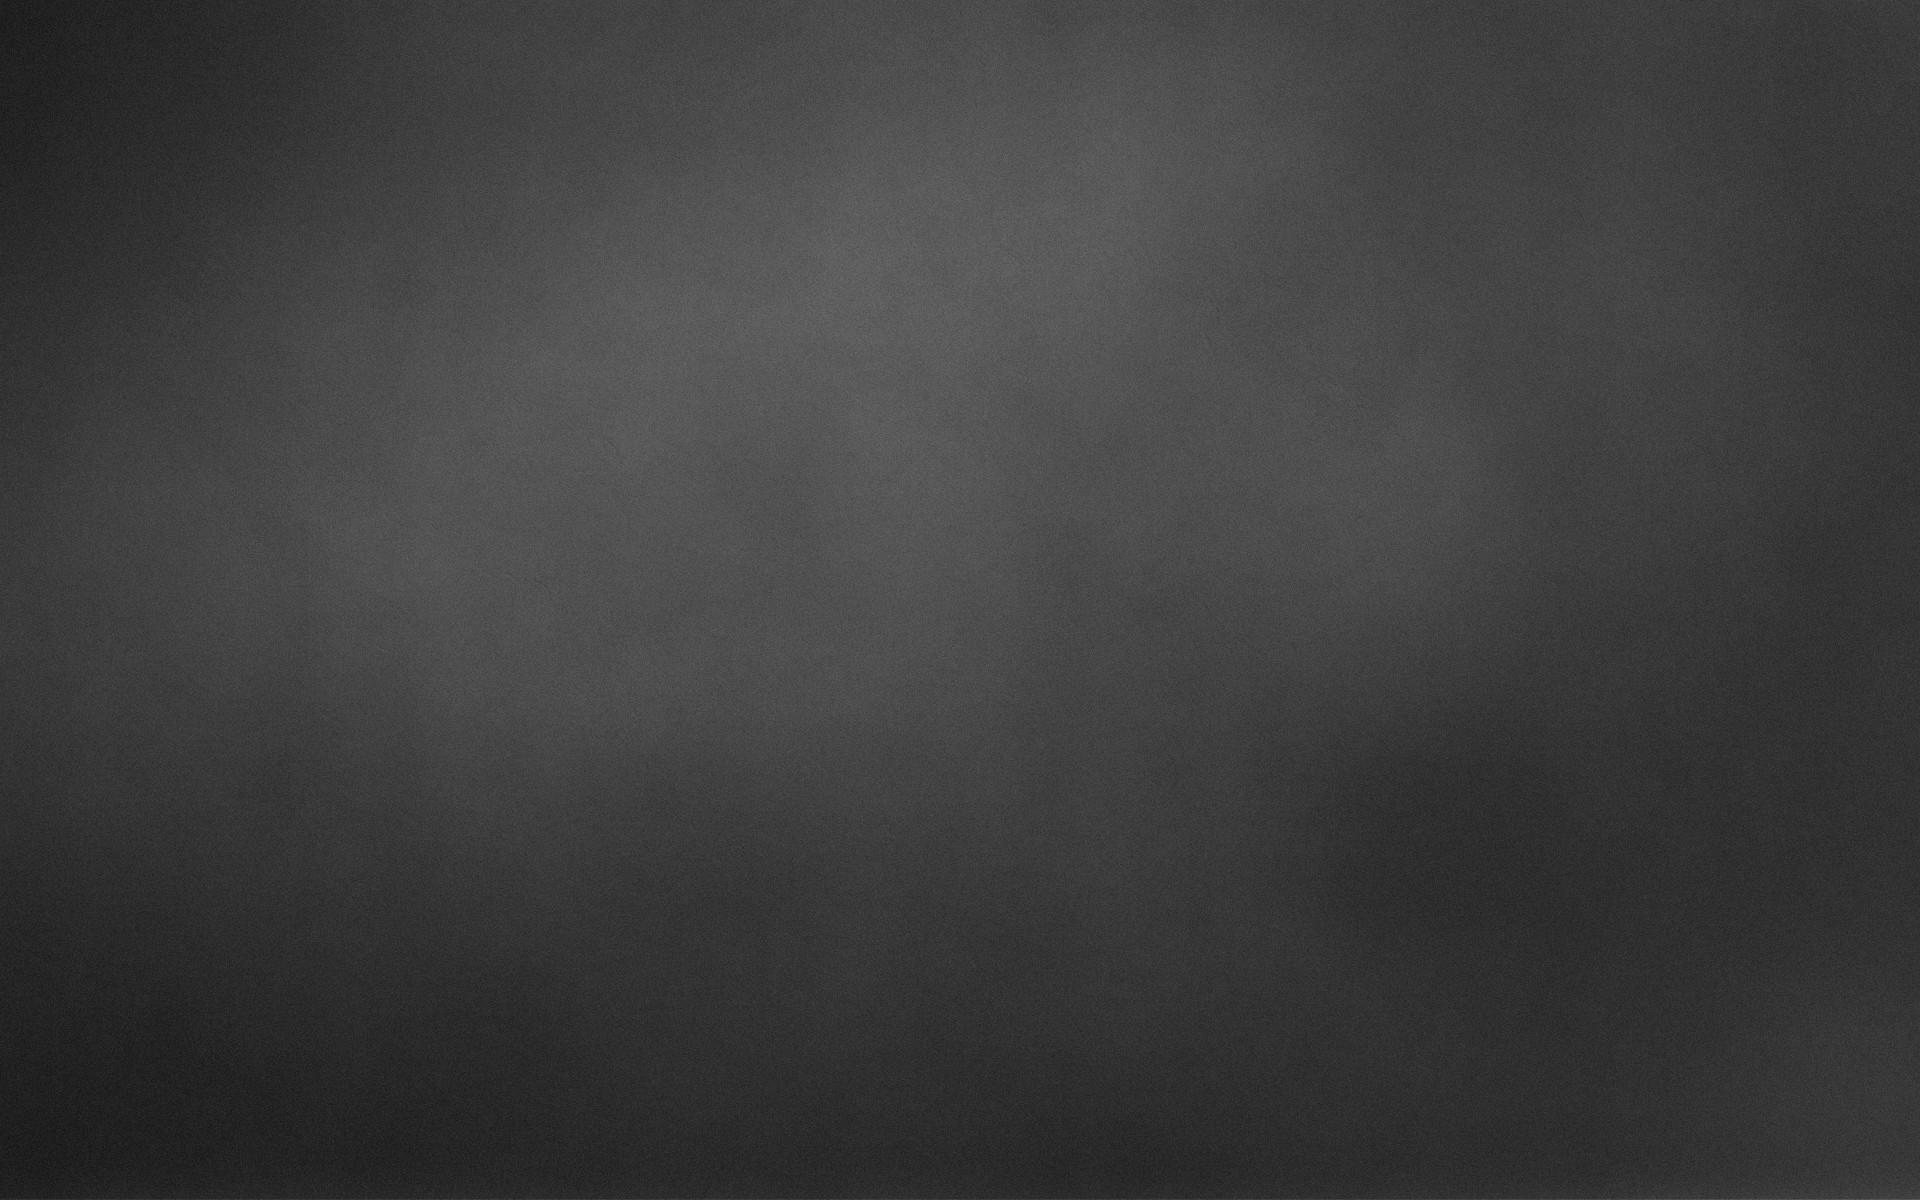 wall gray textures wallpaper 1920x1200 12808 wallpaperup